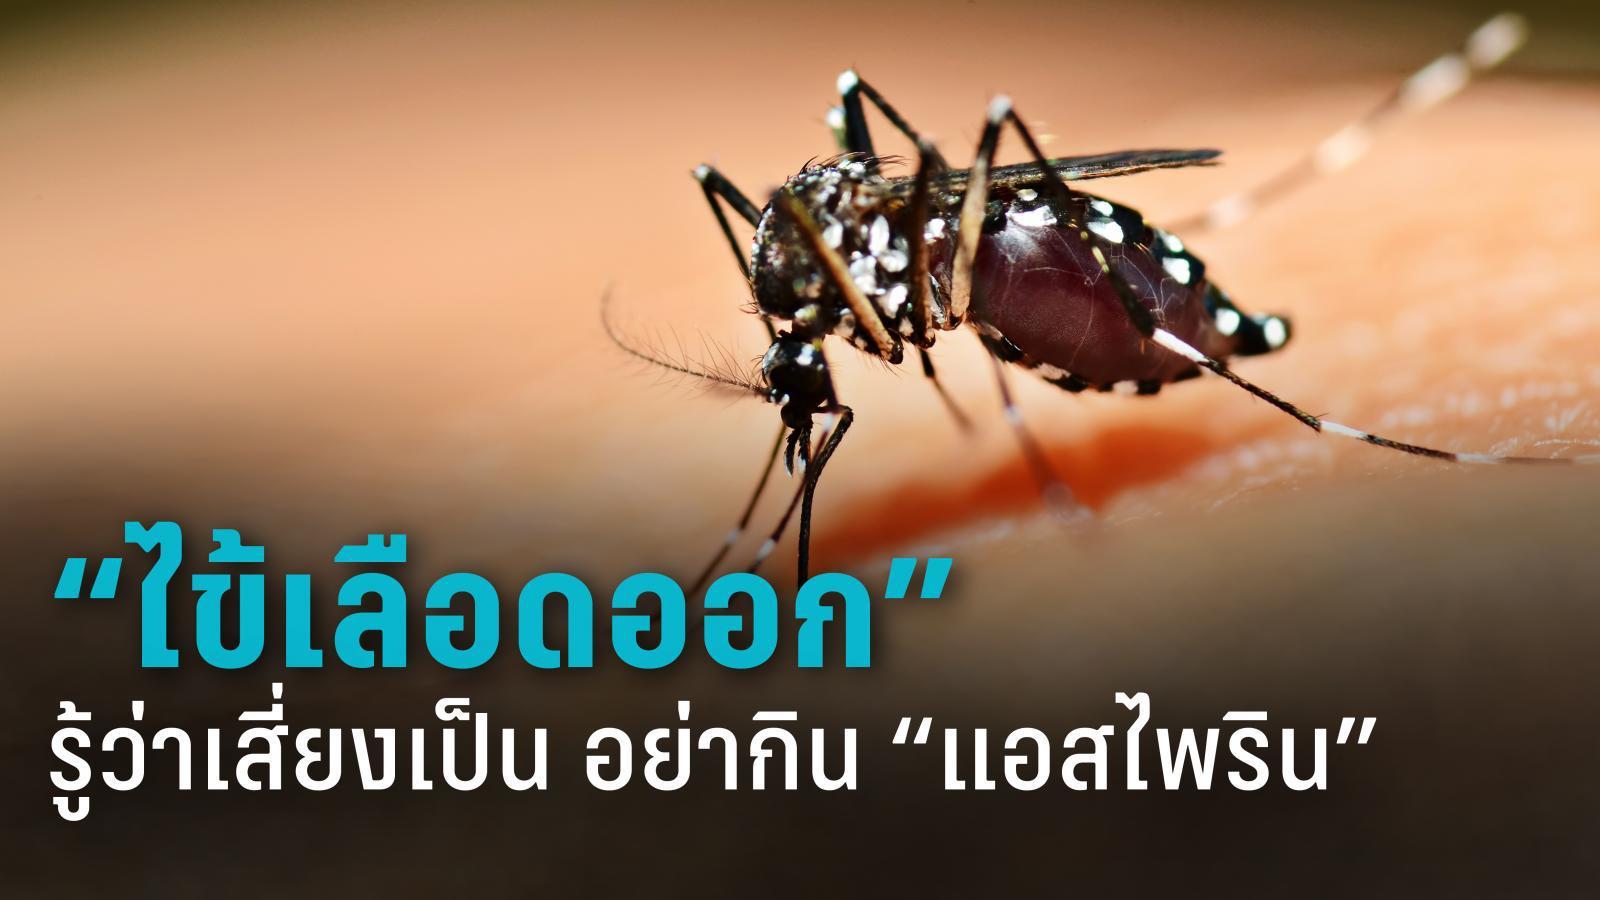 """เตือนภัยหน้าฝน คนไทยป่วย """"ไข้เลือดออก"""" กว่า 3 หมื่นรายใน 7 เดือน"""